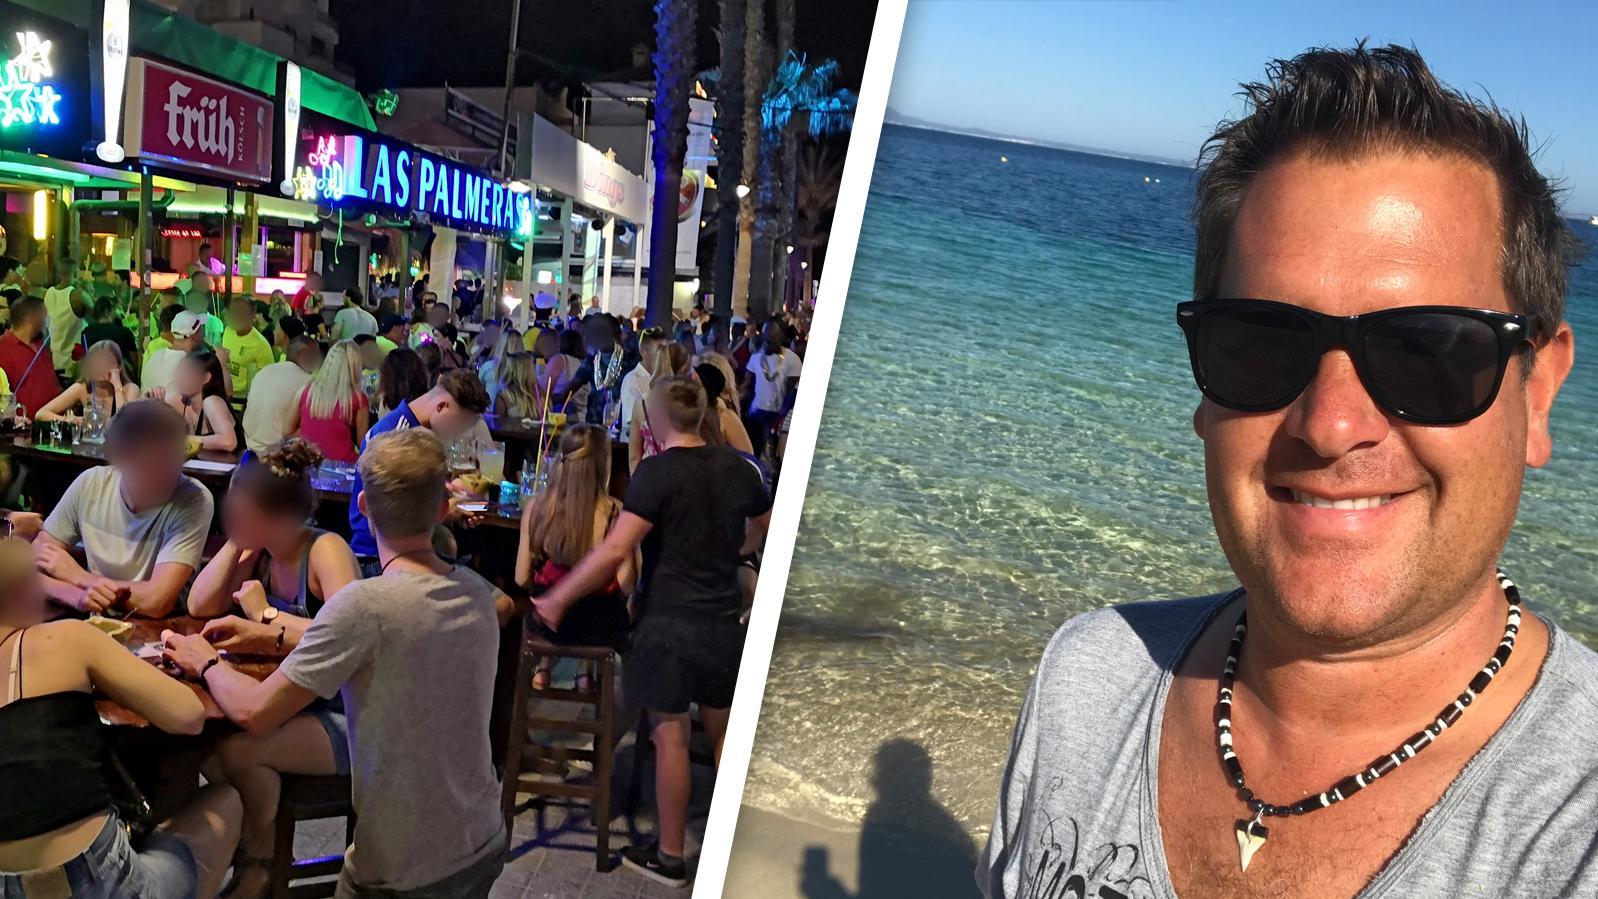 """Peter Wackel bezeichnet die Bilder überfüllter Touri-Hotspots als """"selten dummes Verhalten"""" Einzelner, die die Situation für die Menschen auf Mallorca noch schwieriger machen."""